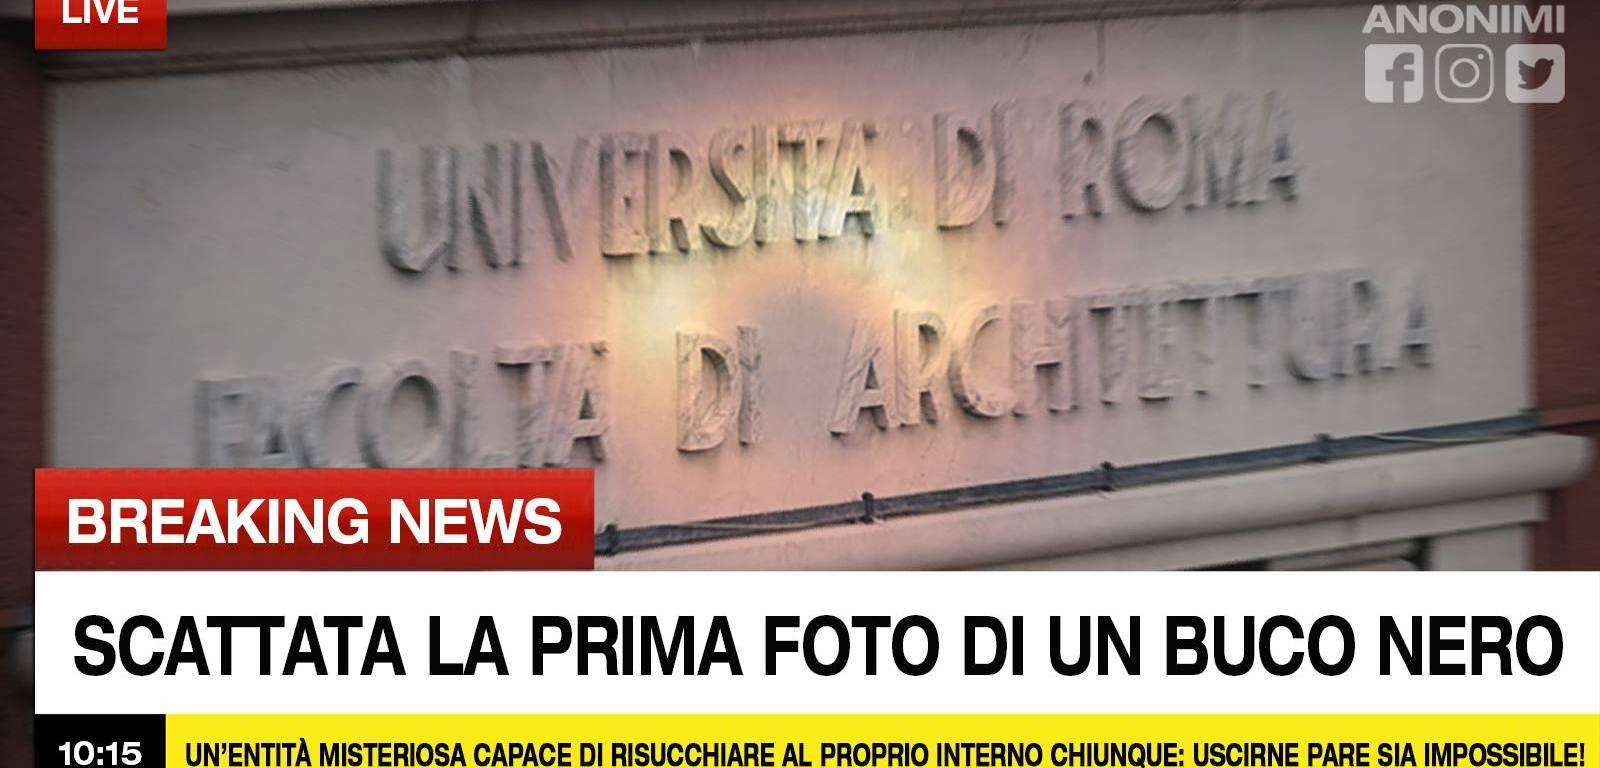 Buco Nero. Courtesy Architetti Anonimi